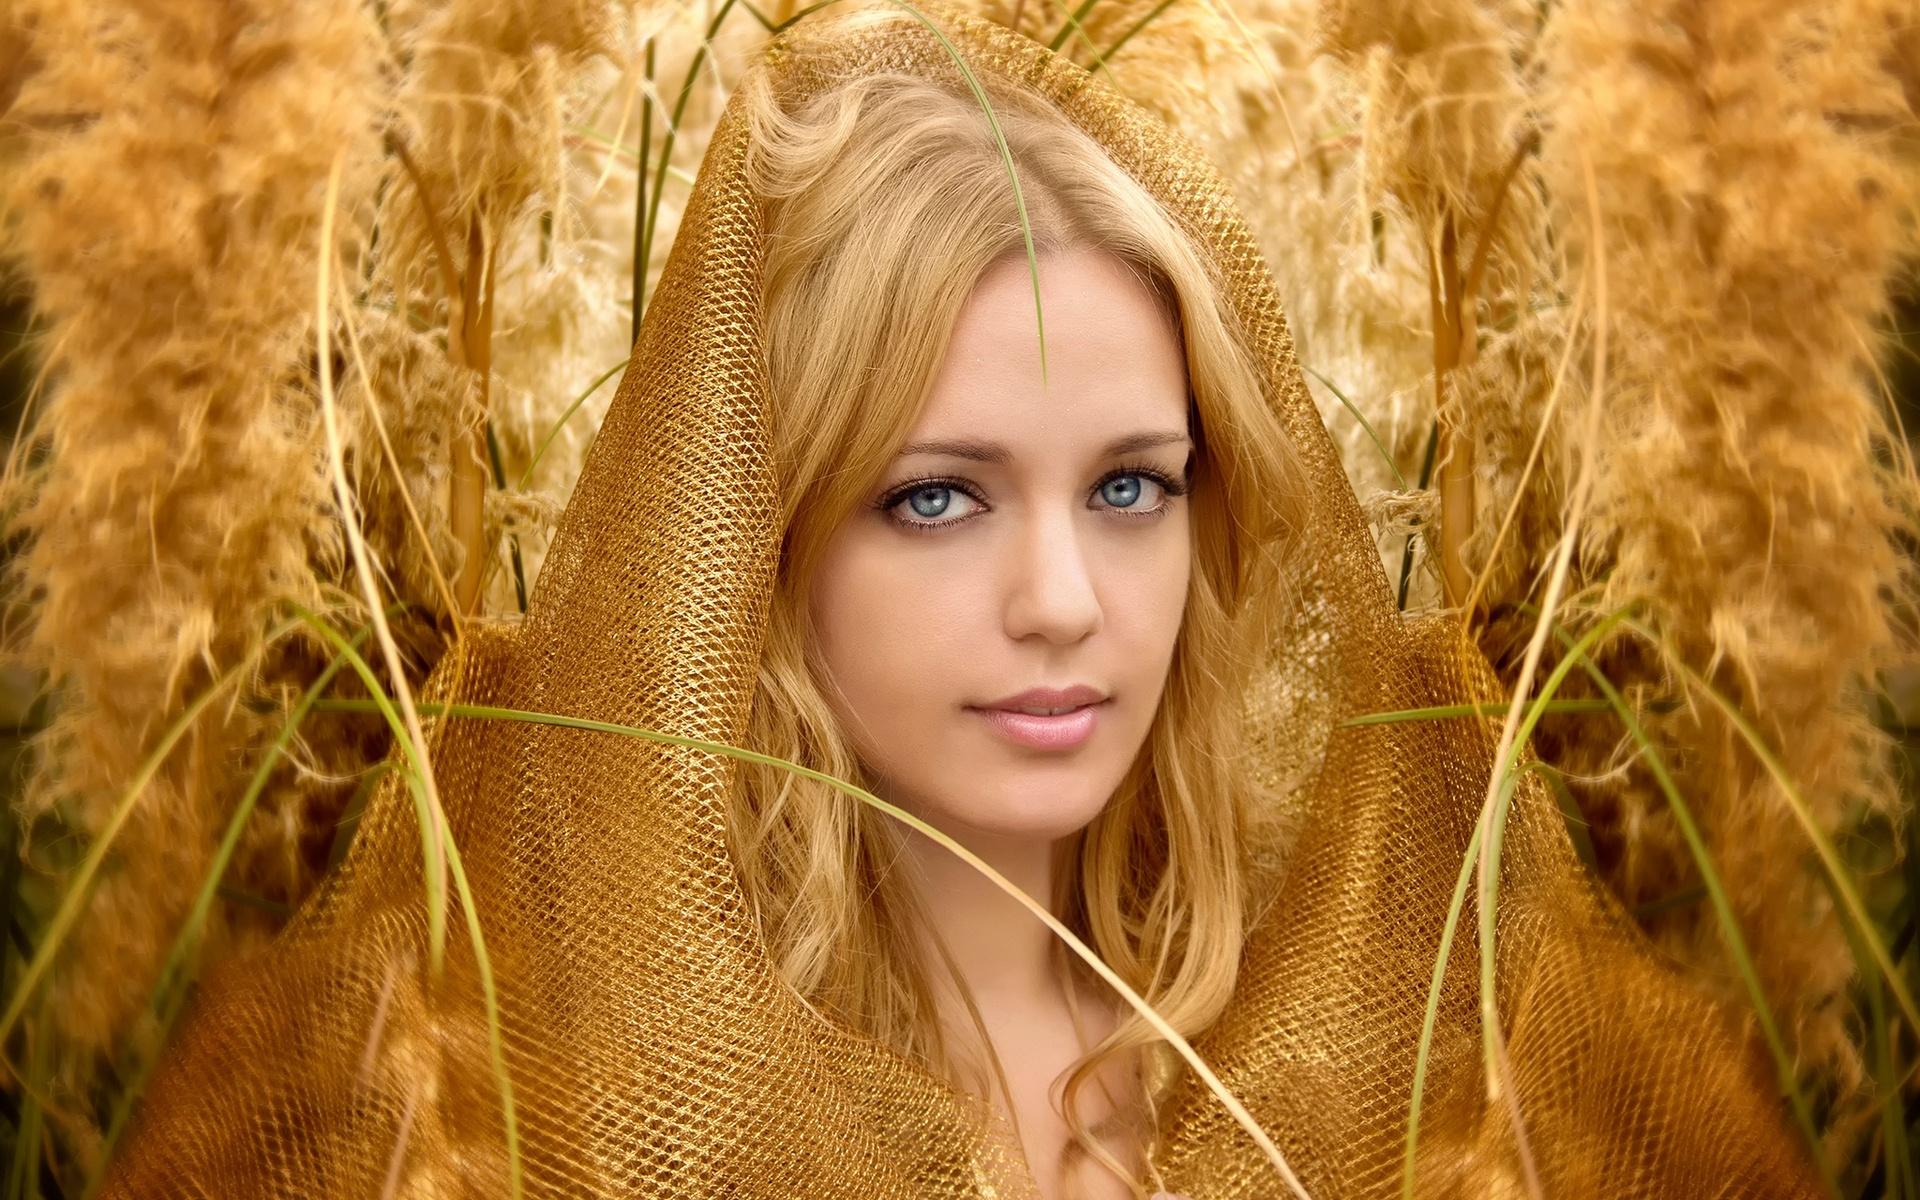 девушка в золоте взгляд лицо  № 1869931 бесплатно